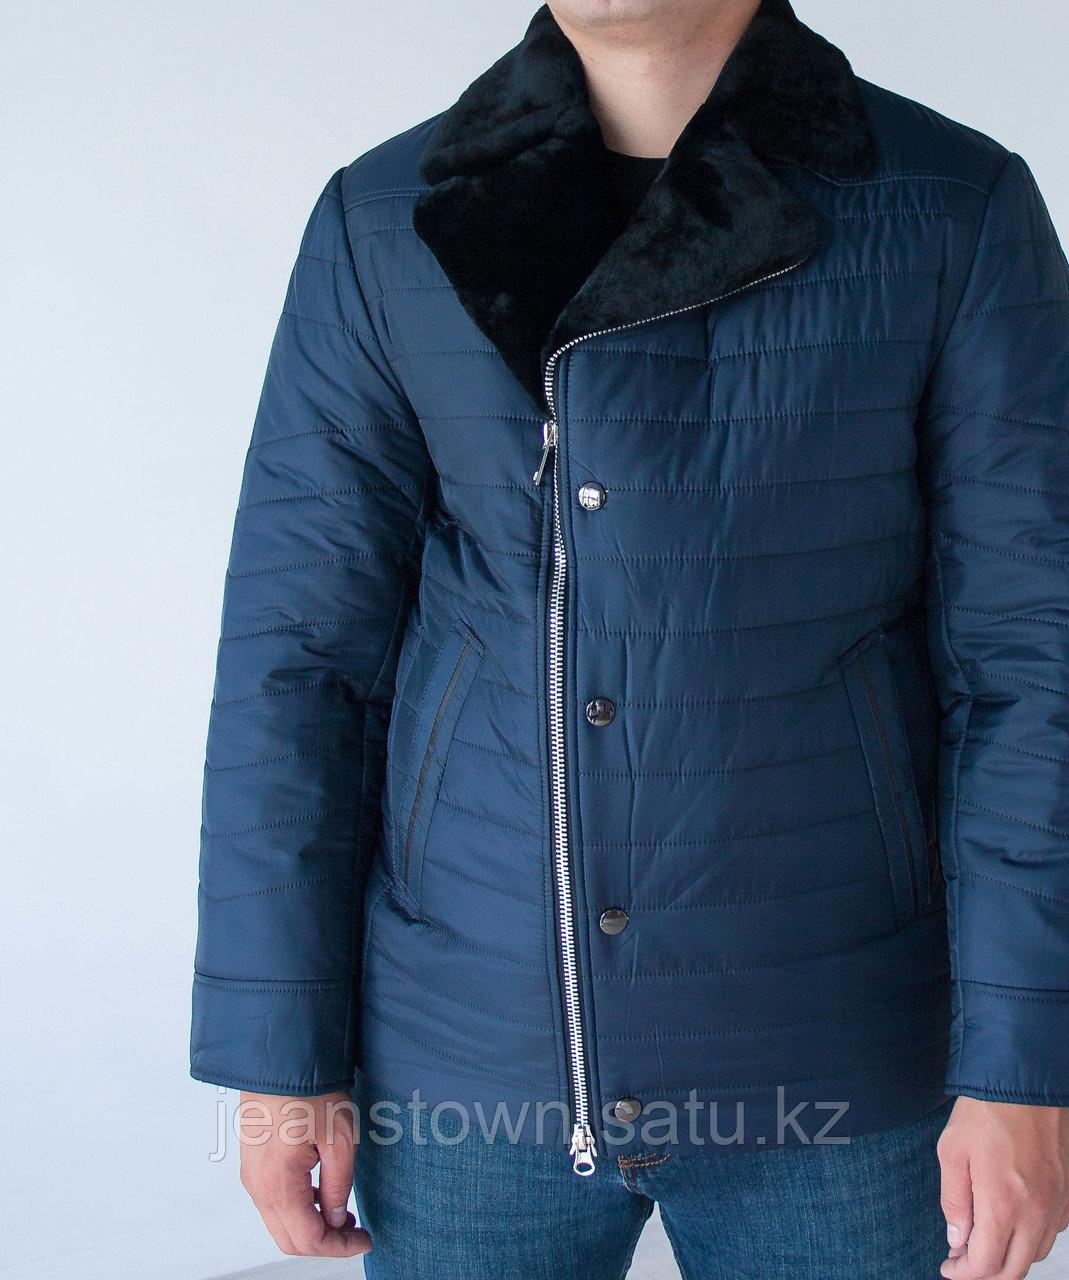 Мужская  классическая  зимняя куртка  City Class, натуральный мех  мутона на воротнике, синяя